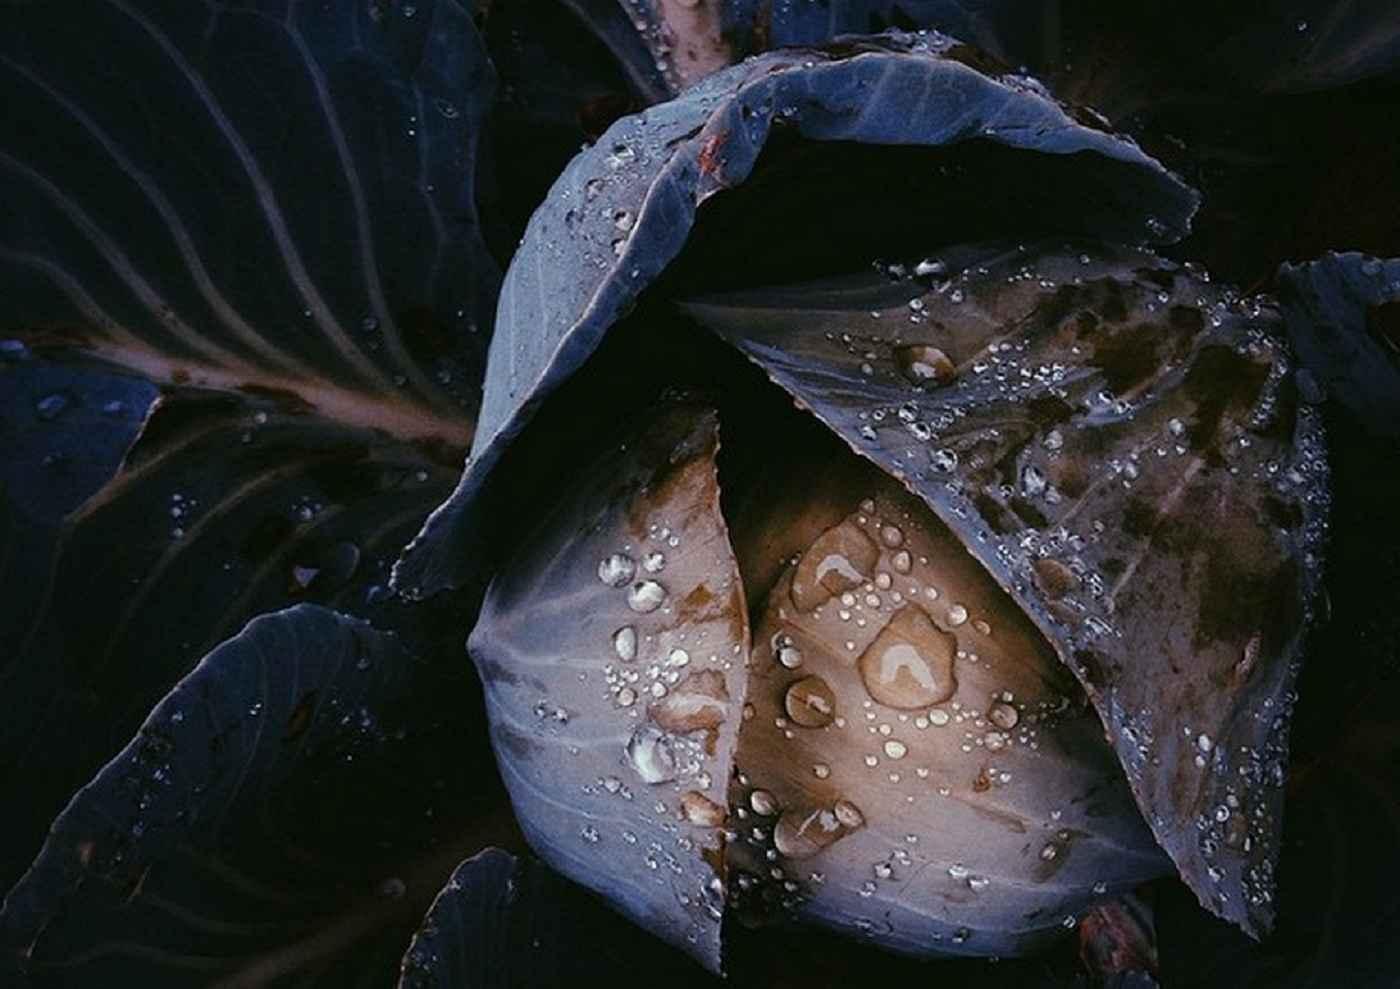 Ботаническое фото-искусство в темных тонах | Многоликий Инстаграм